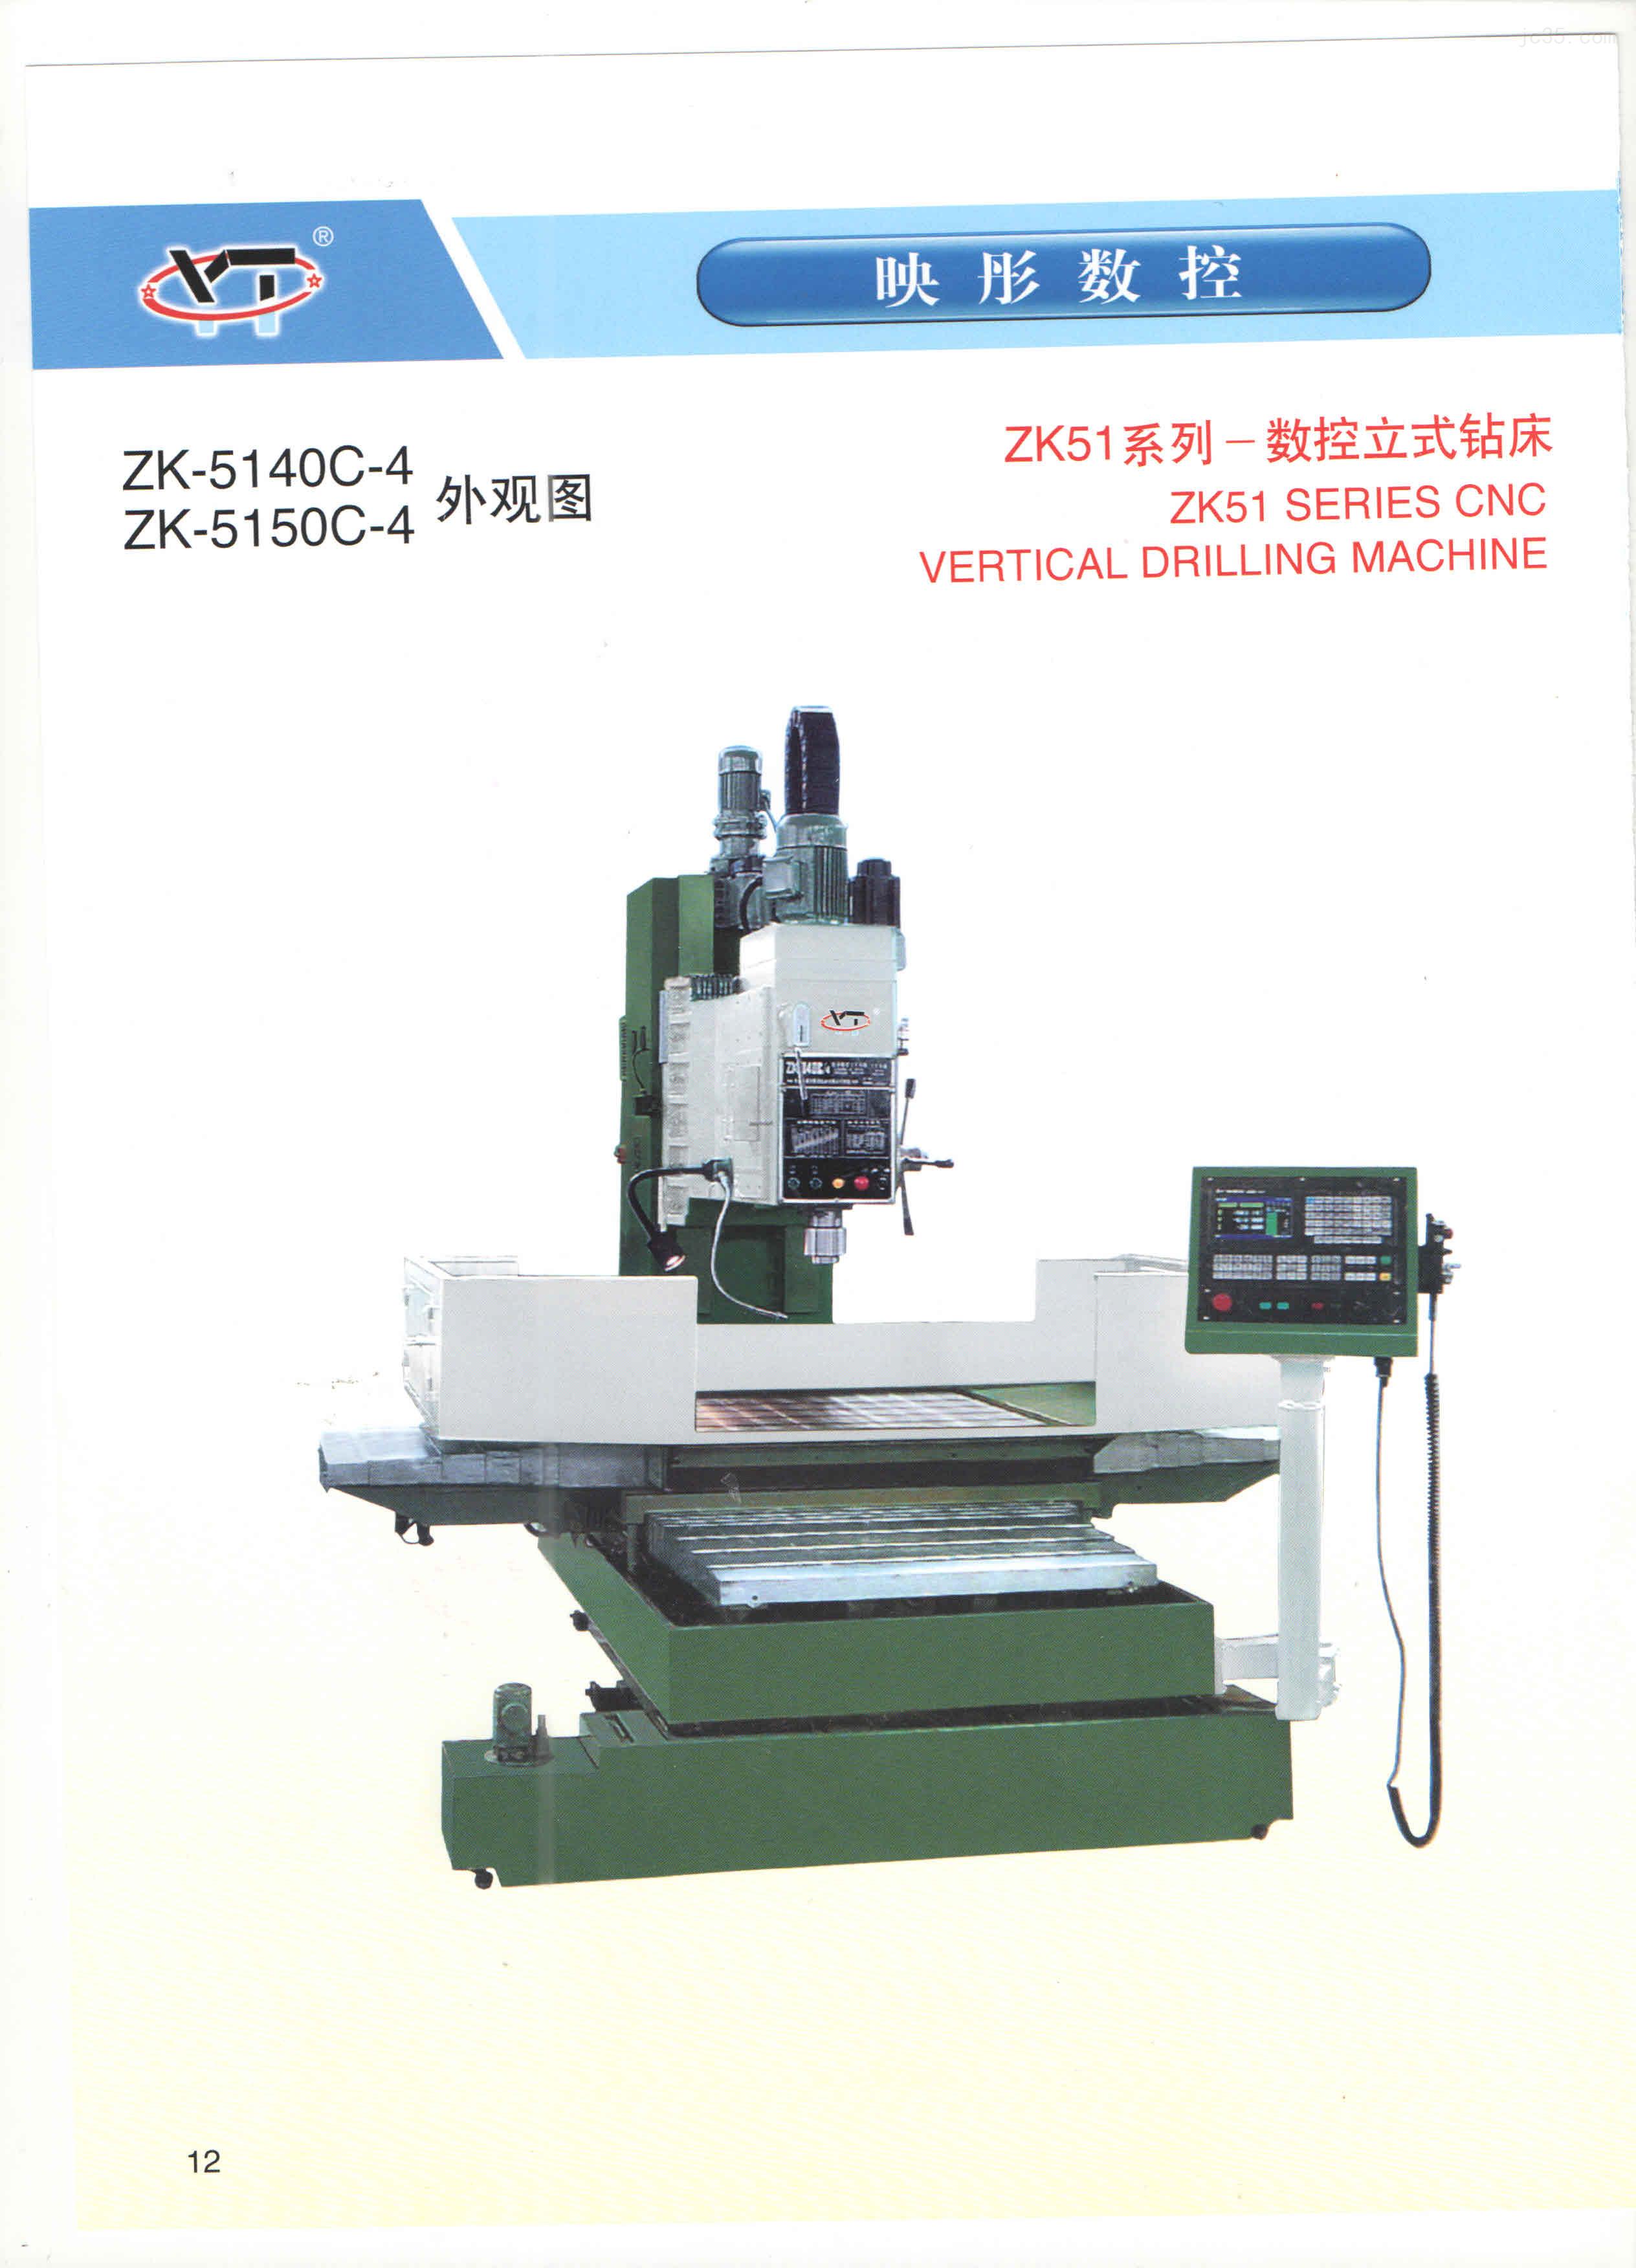 ZK5140C-4数控立钻